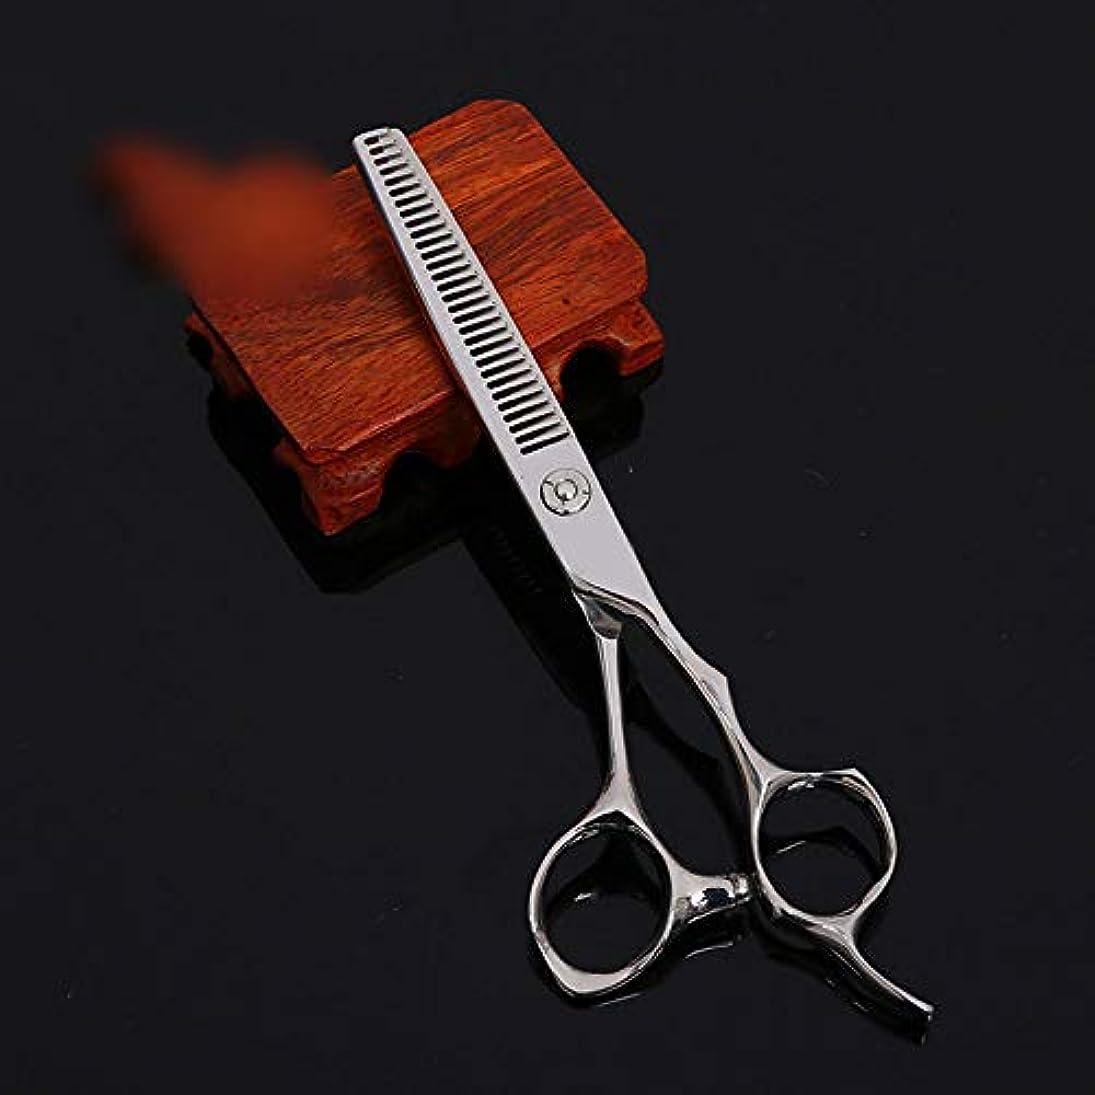 資本雹ぺディカブWASAIO 理容サロンテクスチャーレイザーエッジシザー髪のはさみステンレスの設定ツール6インチカービング美容専門の理髪はさみ歯 (色 : Silver)